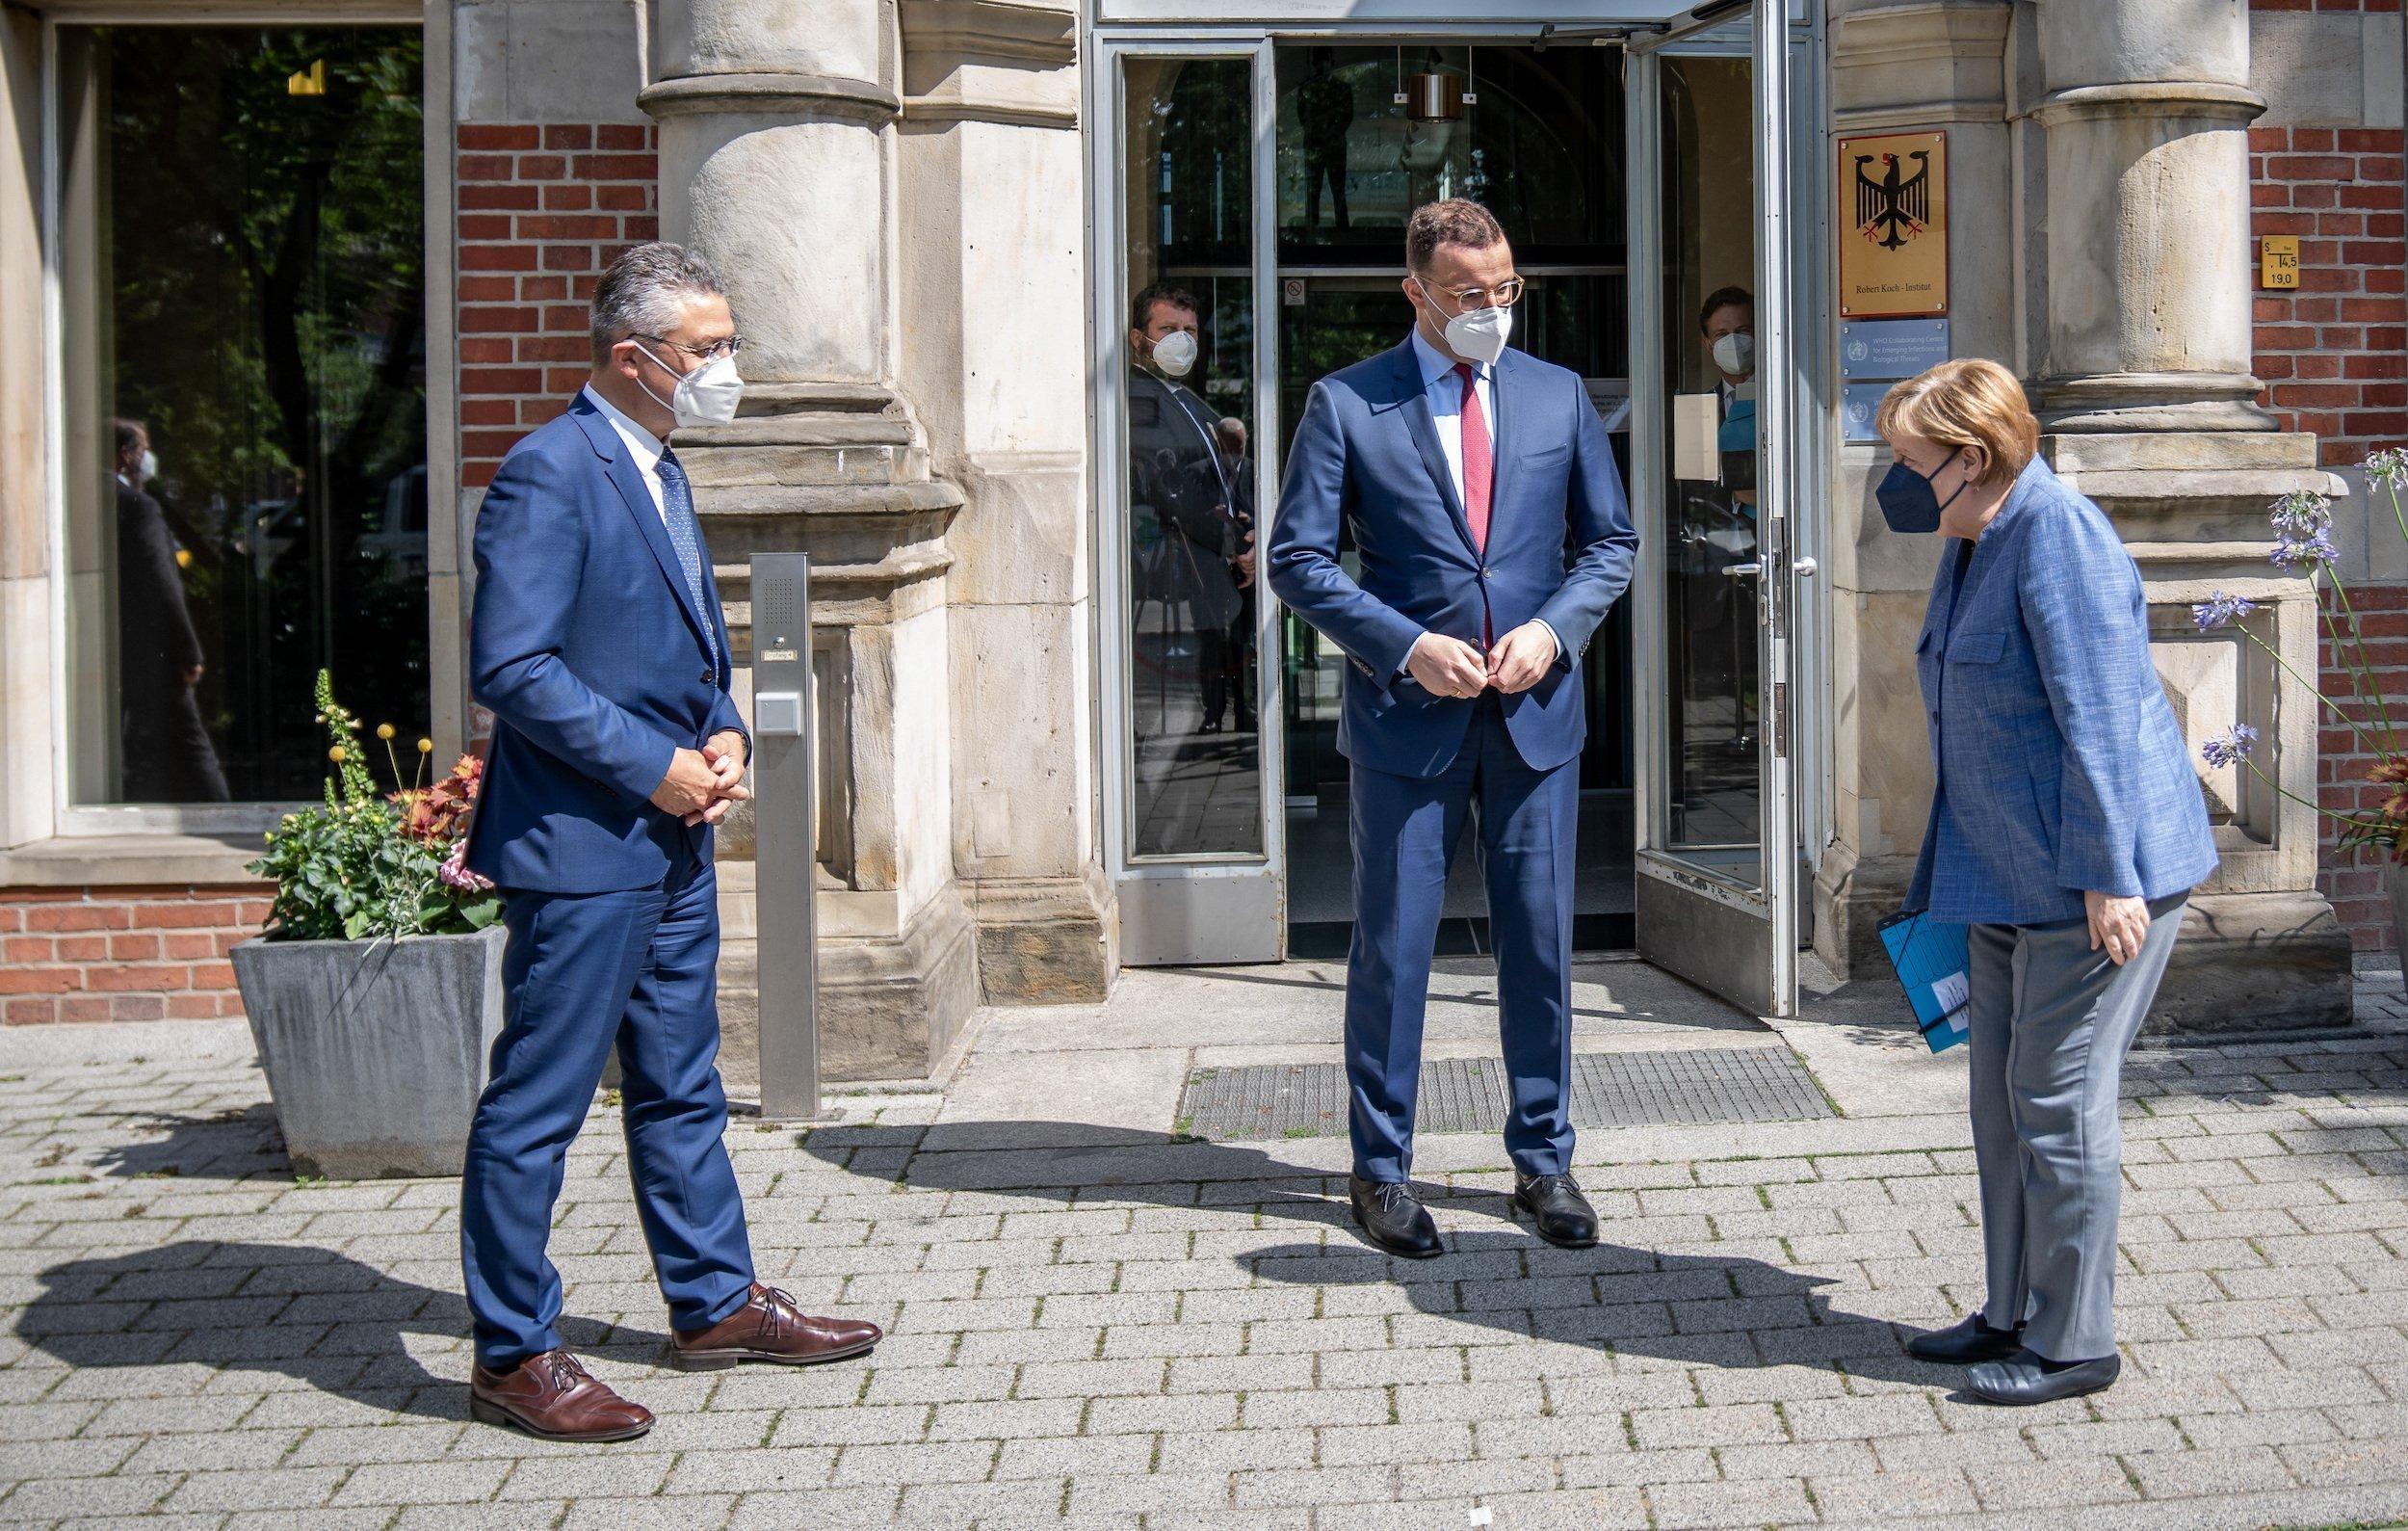 Bundeskanzlerin Angela Merkel wird neben Jens Spahn von Lothar Wieler, Präsident des Robert Koch Instituts (RKI), vor dem Eingang des RKI begrüsst.